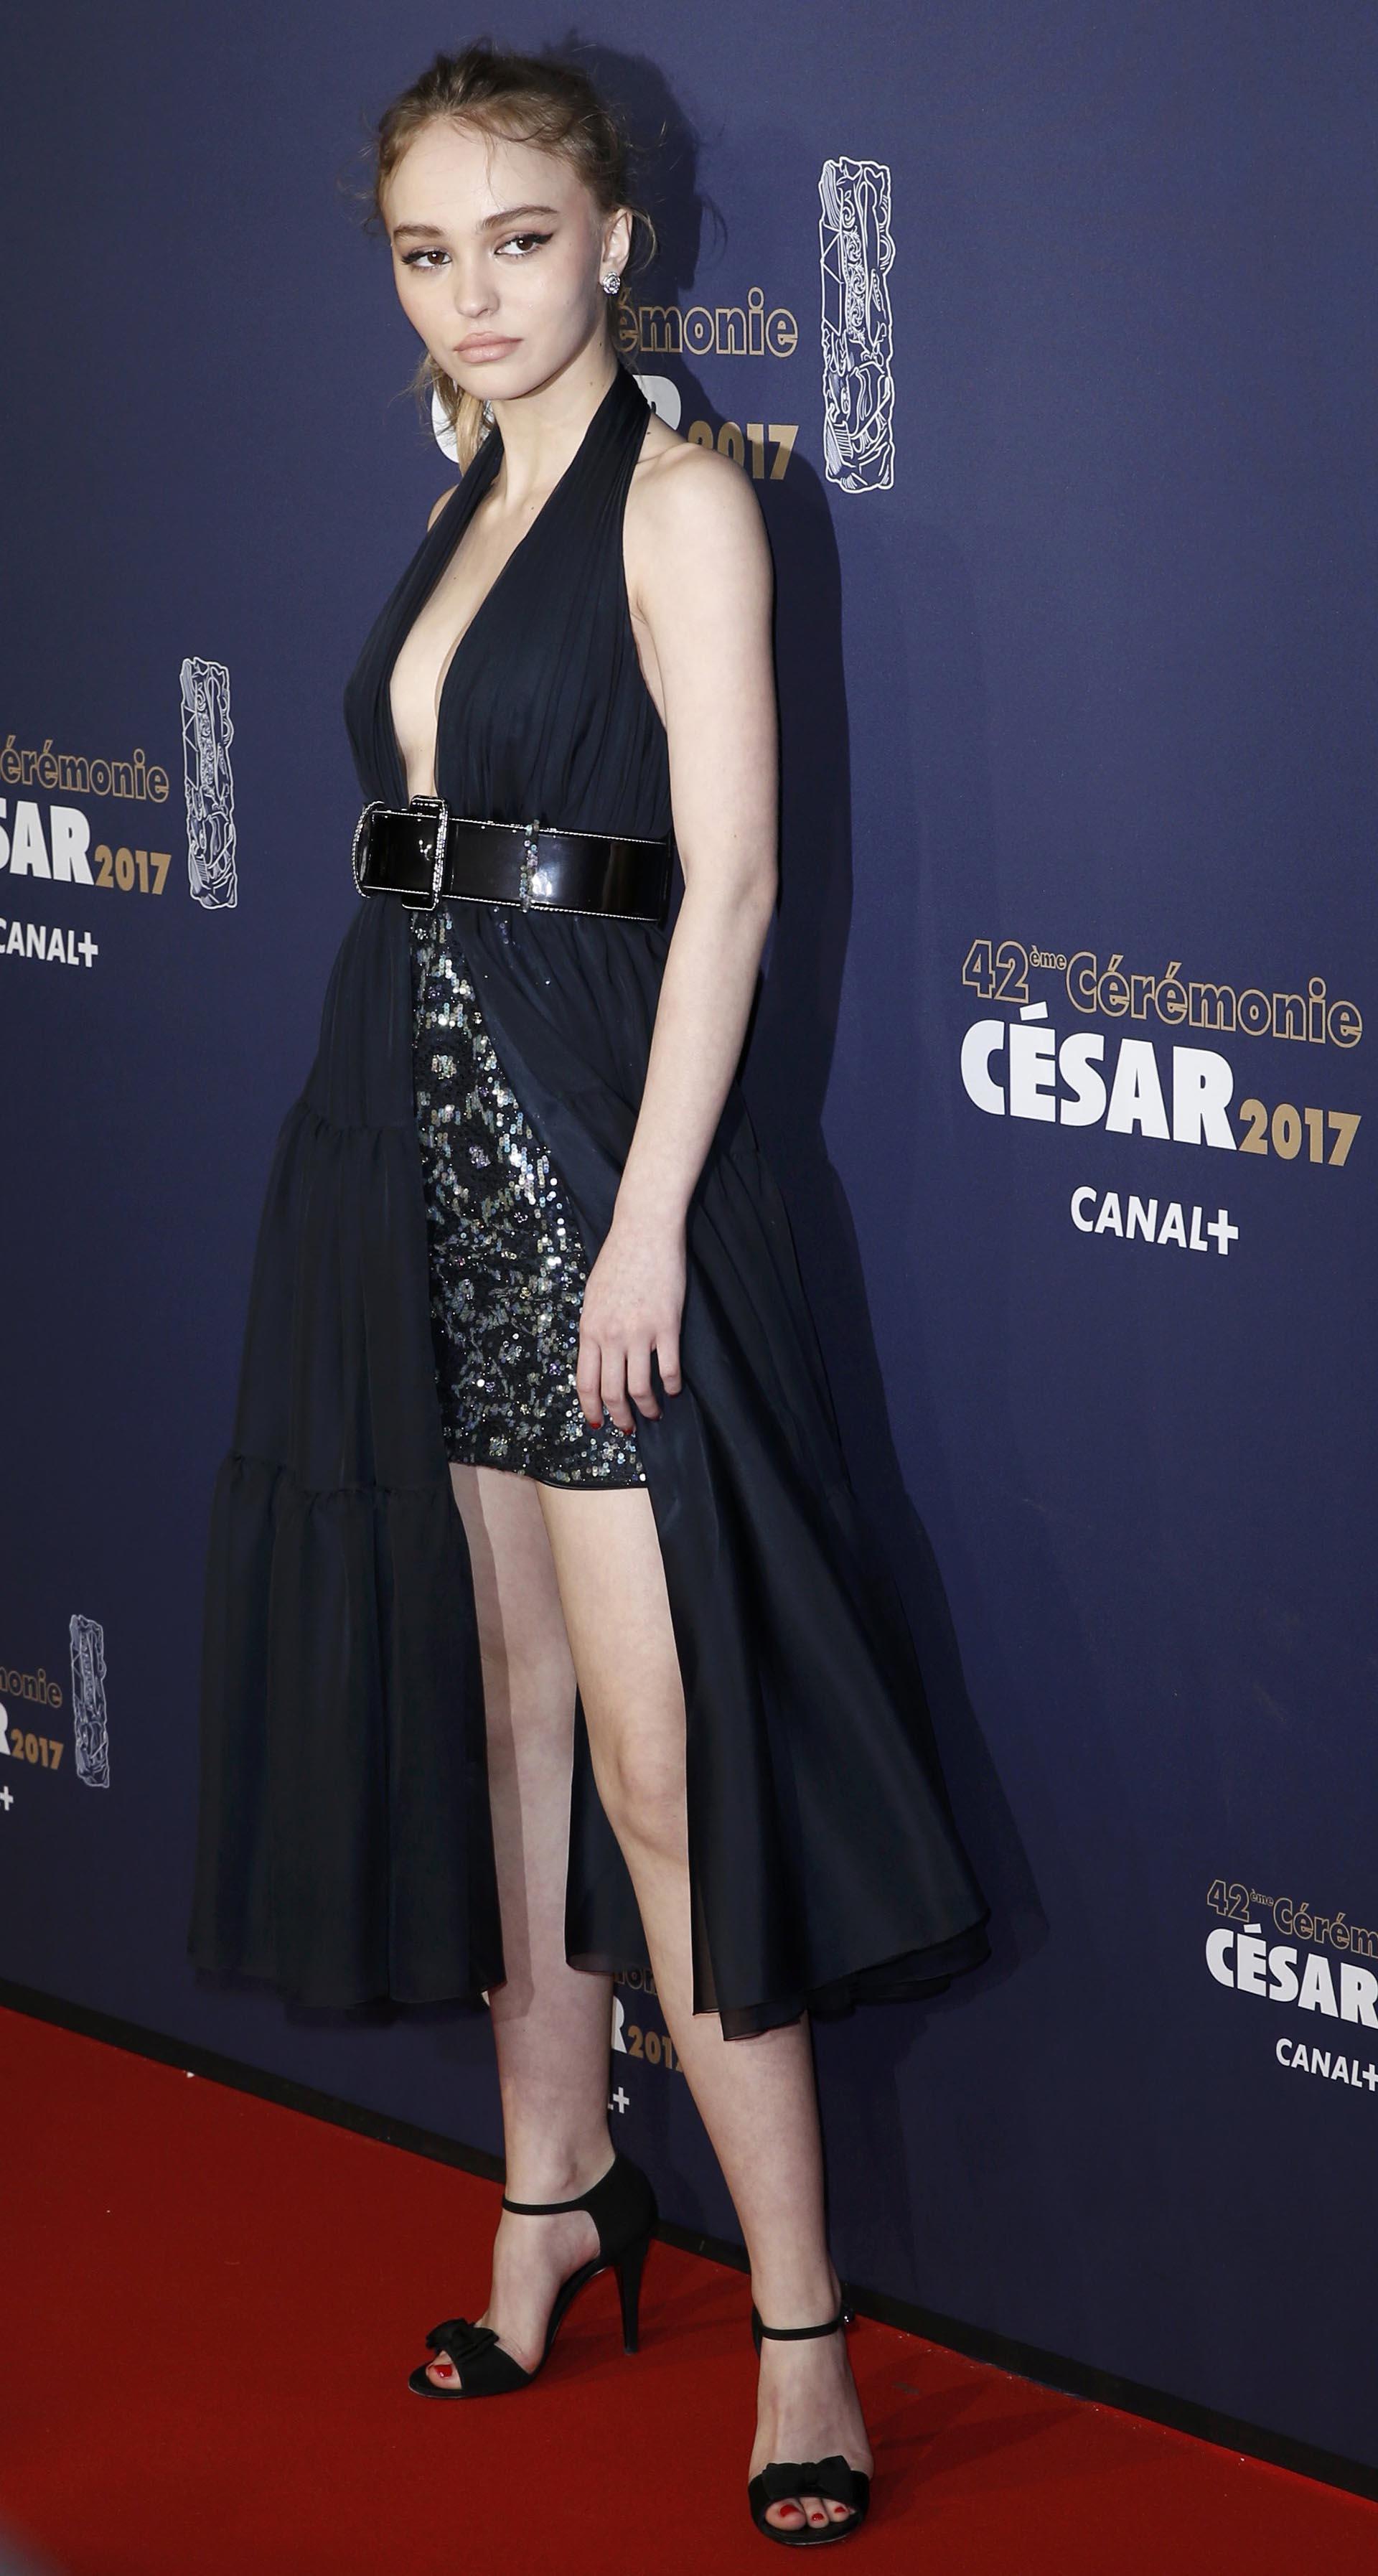 La actriz y modelo Lily-Rose Depp lució su estilizada figura con este origina vestido con un gran cinturón de charol y gran hebilla